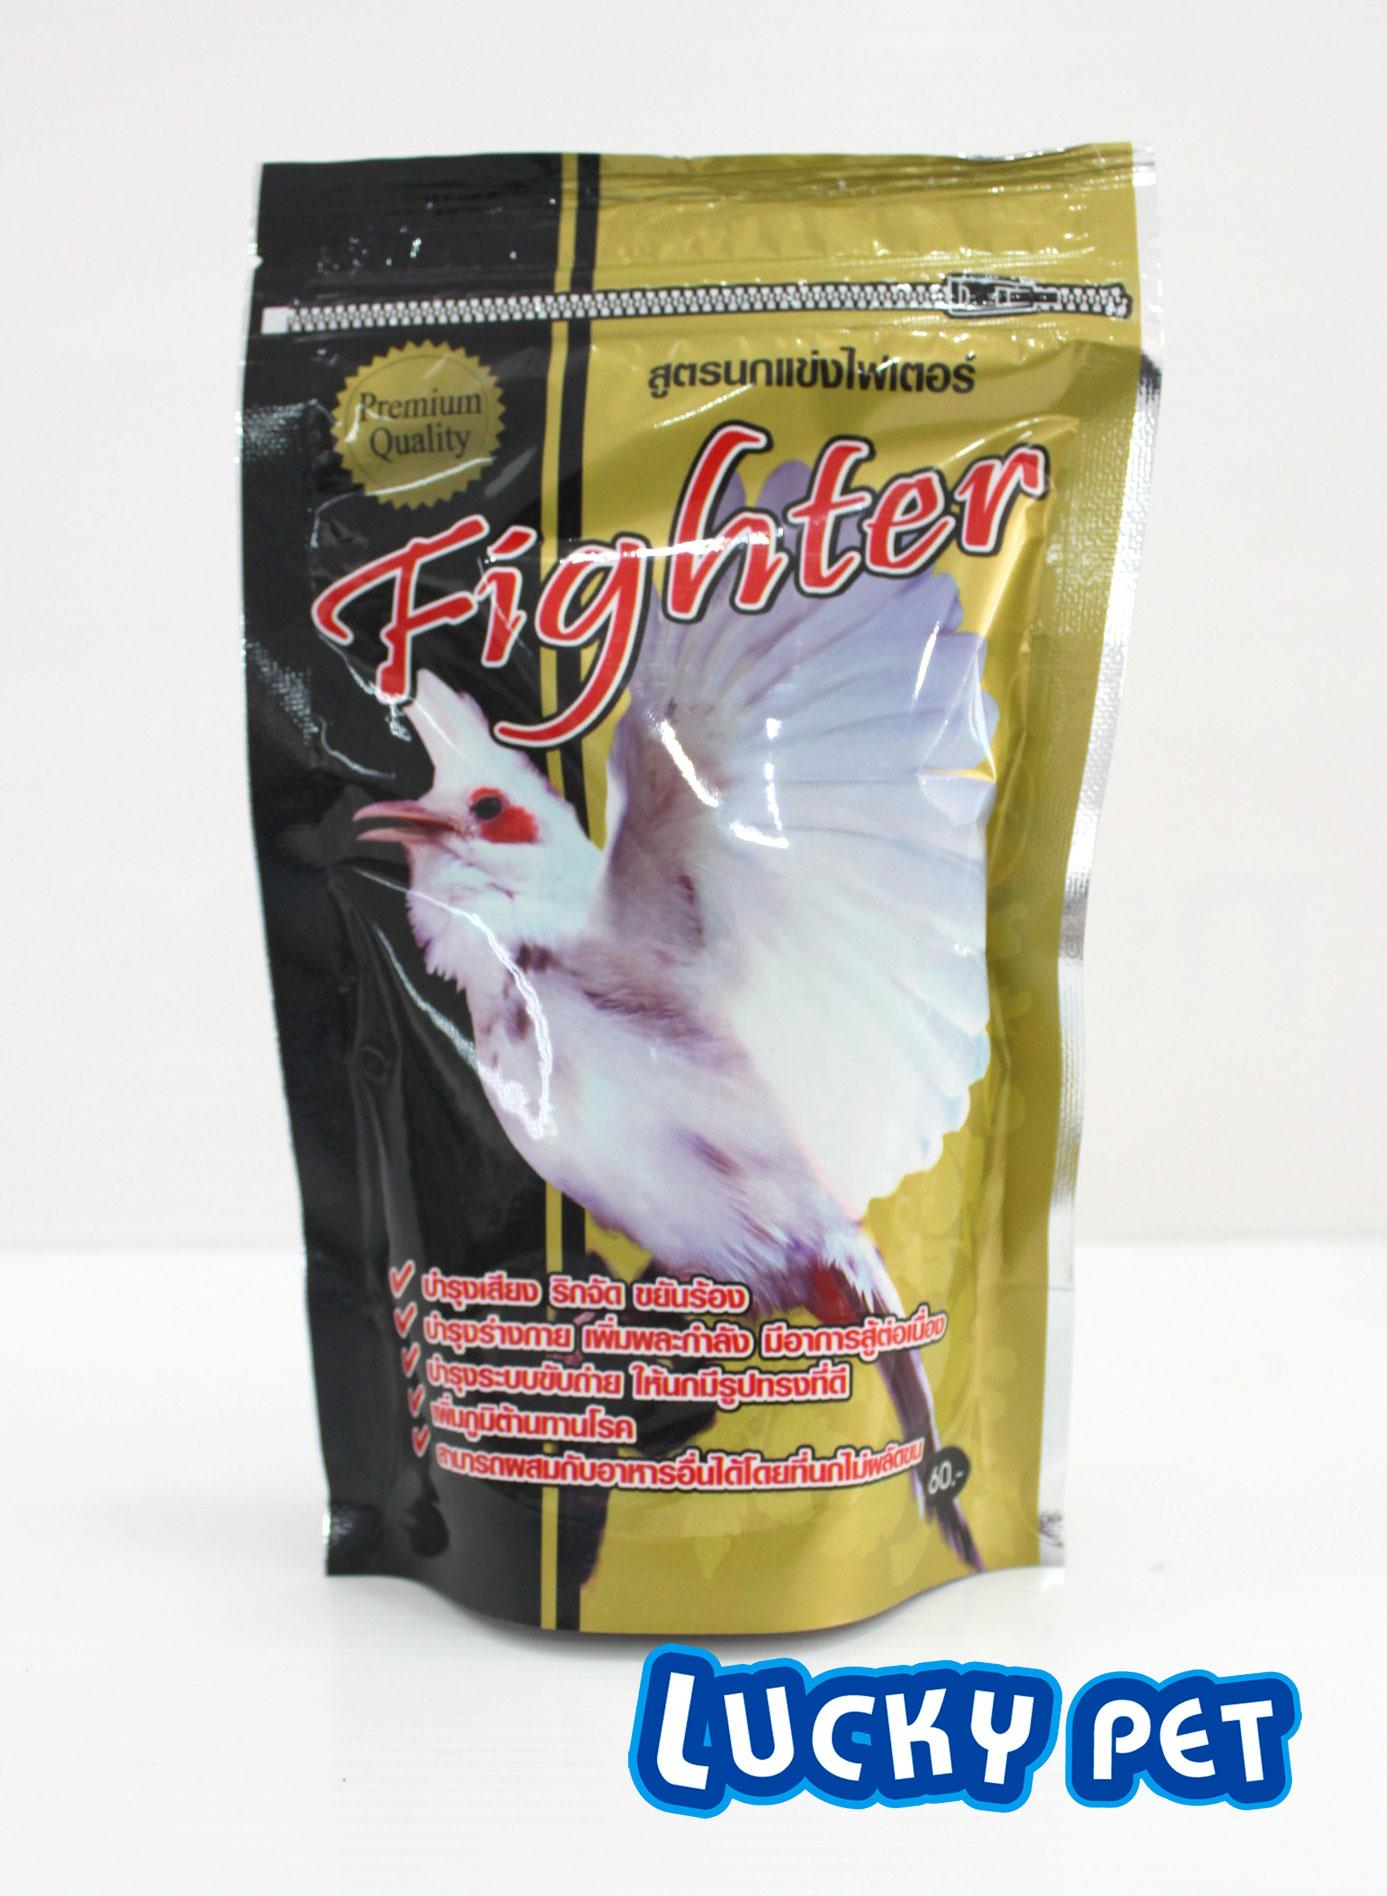 ไฟเตอร์ สูตรทีเด็ดของนกแข่งขันสั่งซื้อ1โหลในราคาโหลละ 540 บาท พิเศษ!!!!สั่งซื้อ 1 ลัง/80 ซอง 3,260 บาท